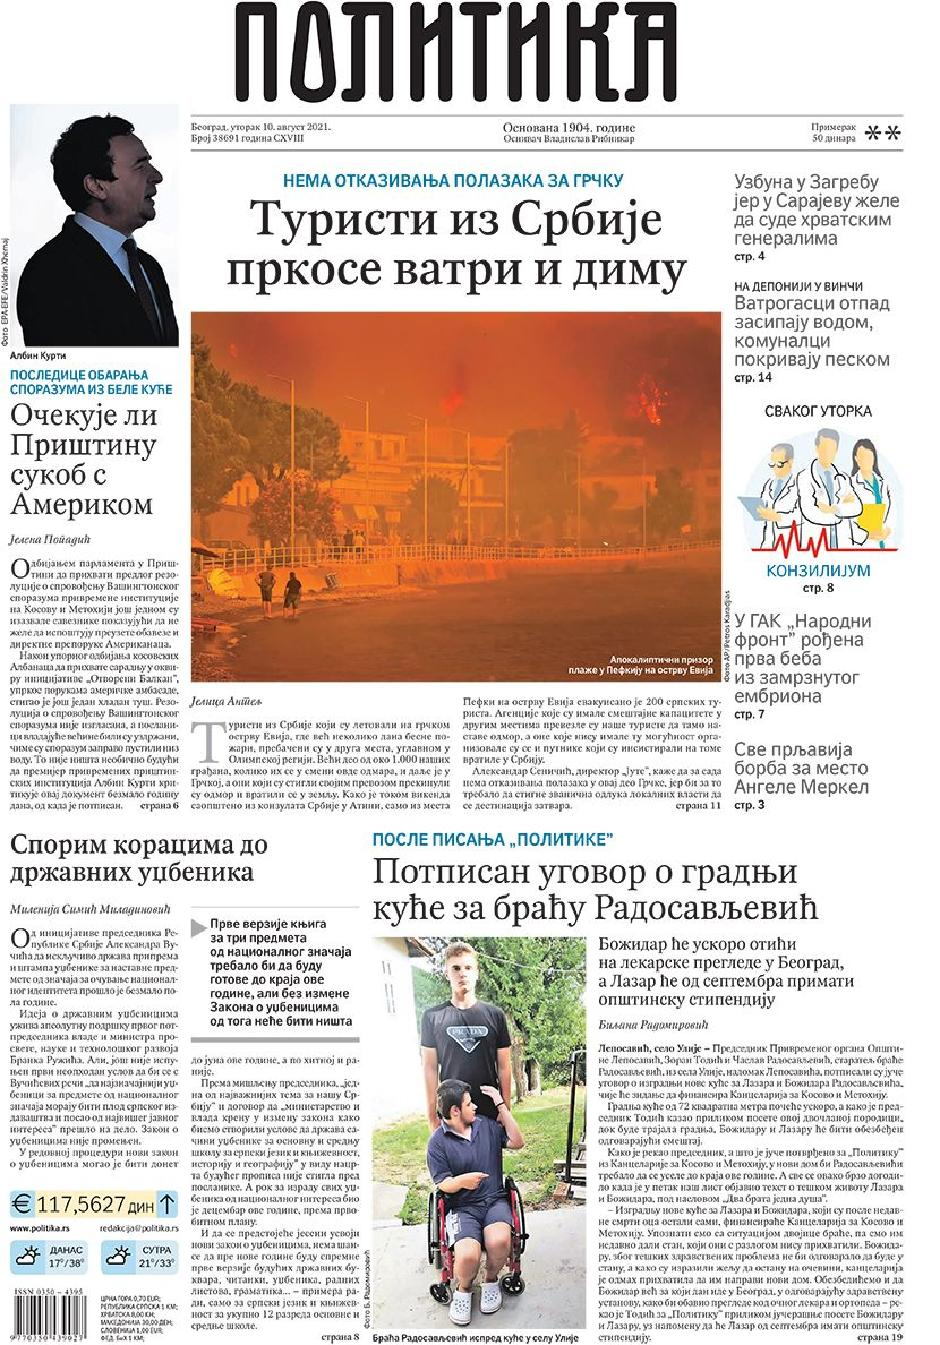 Neprijatelji srpskog roda Politika-830x0_1345x940